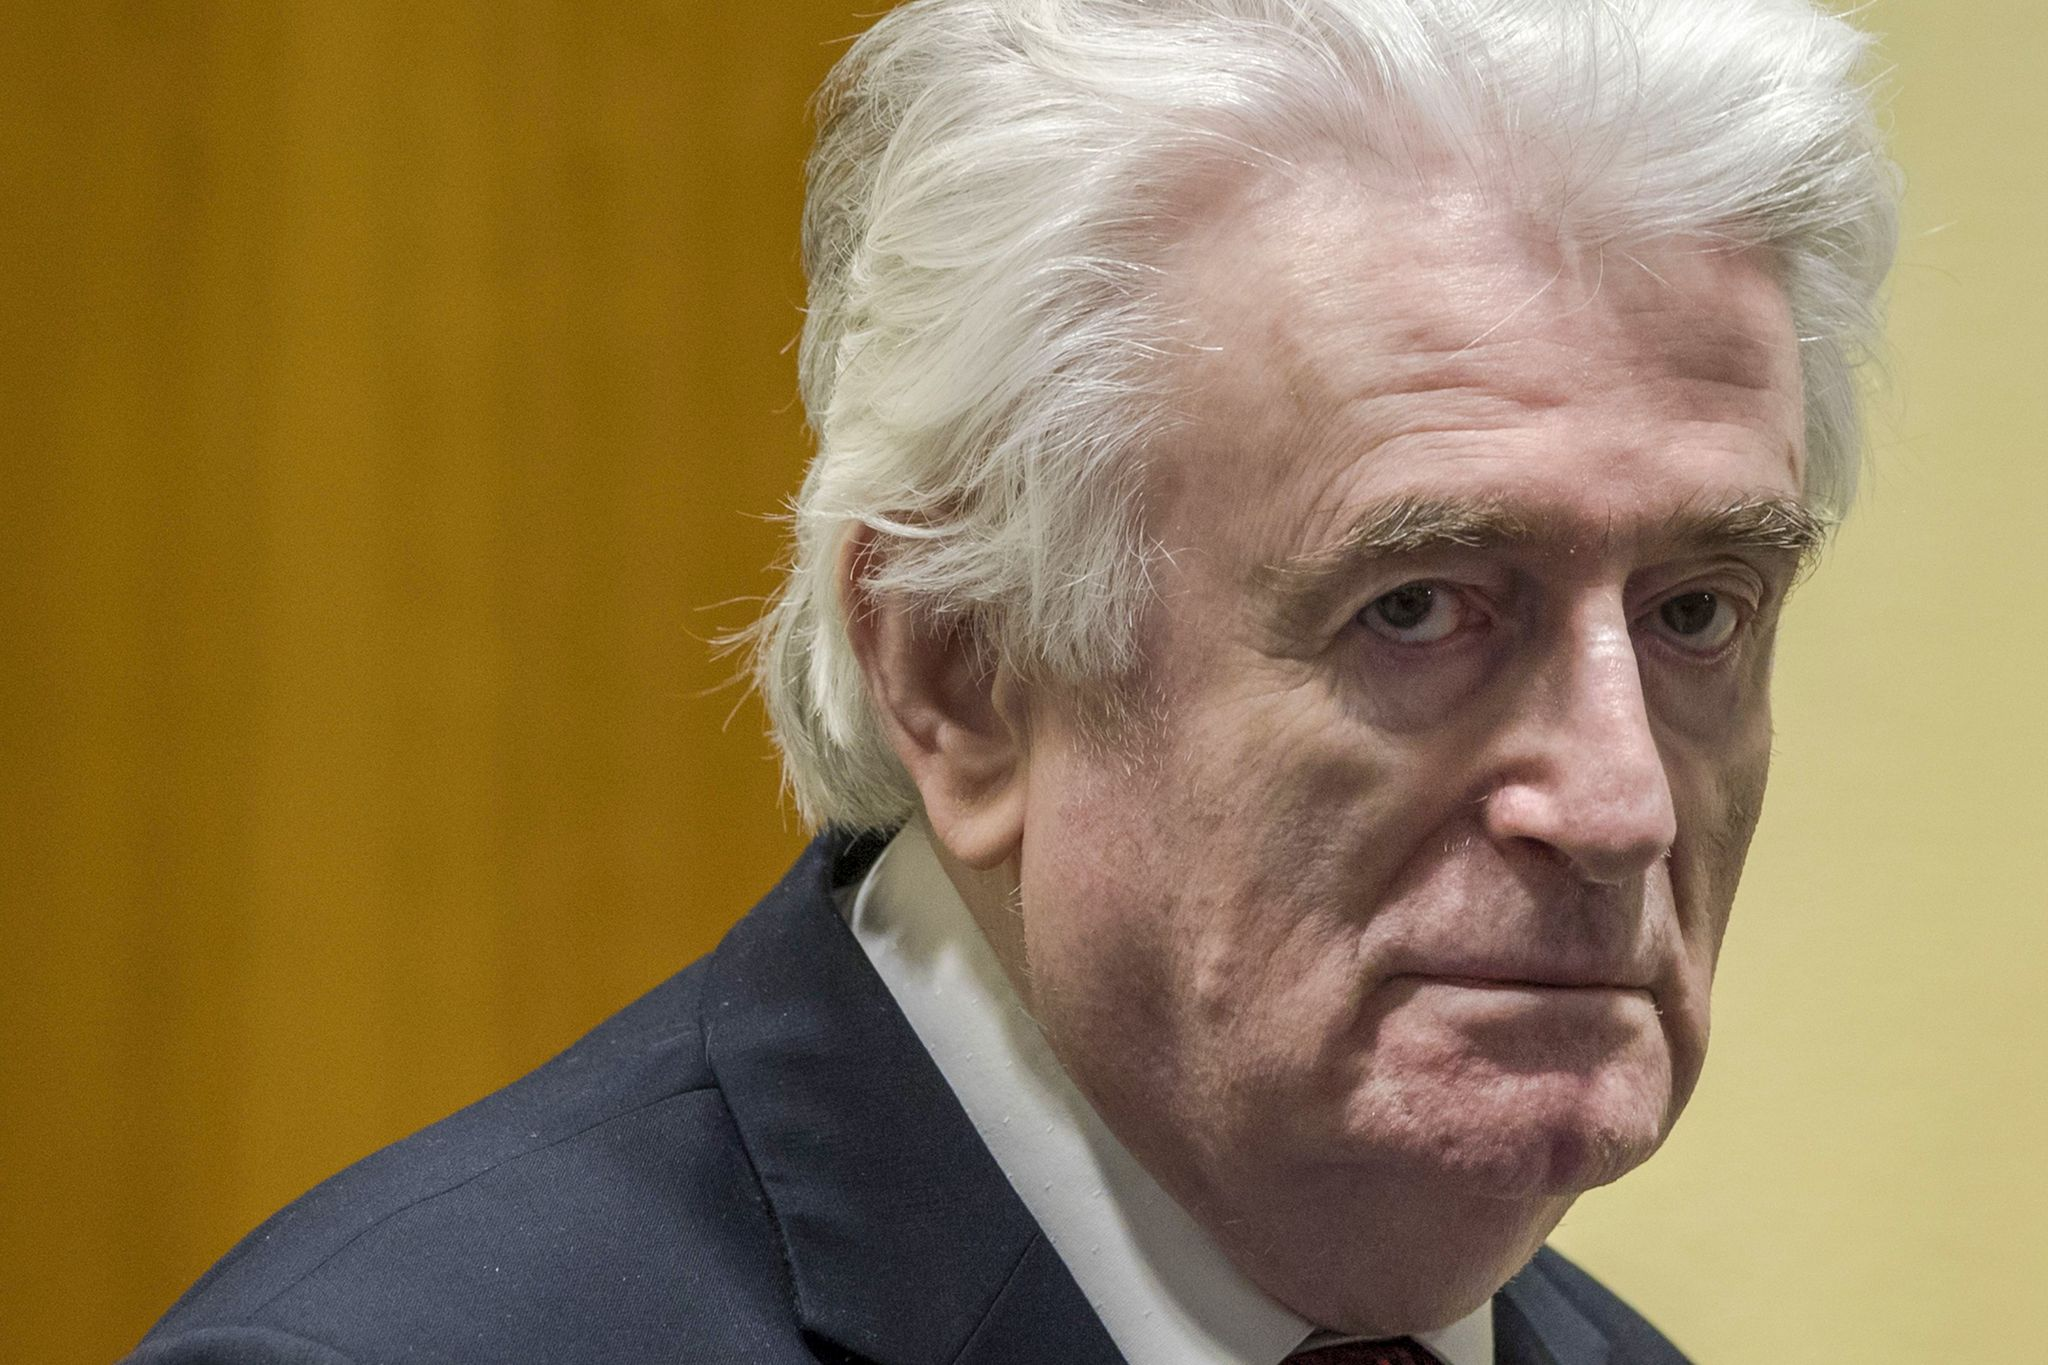 El ex líder serbobosnio Radovan Karadzic.